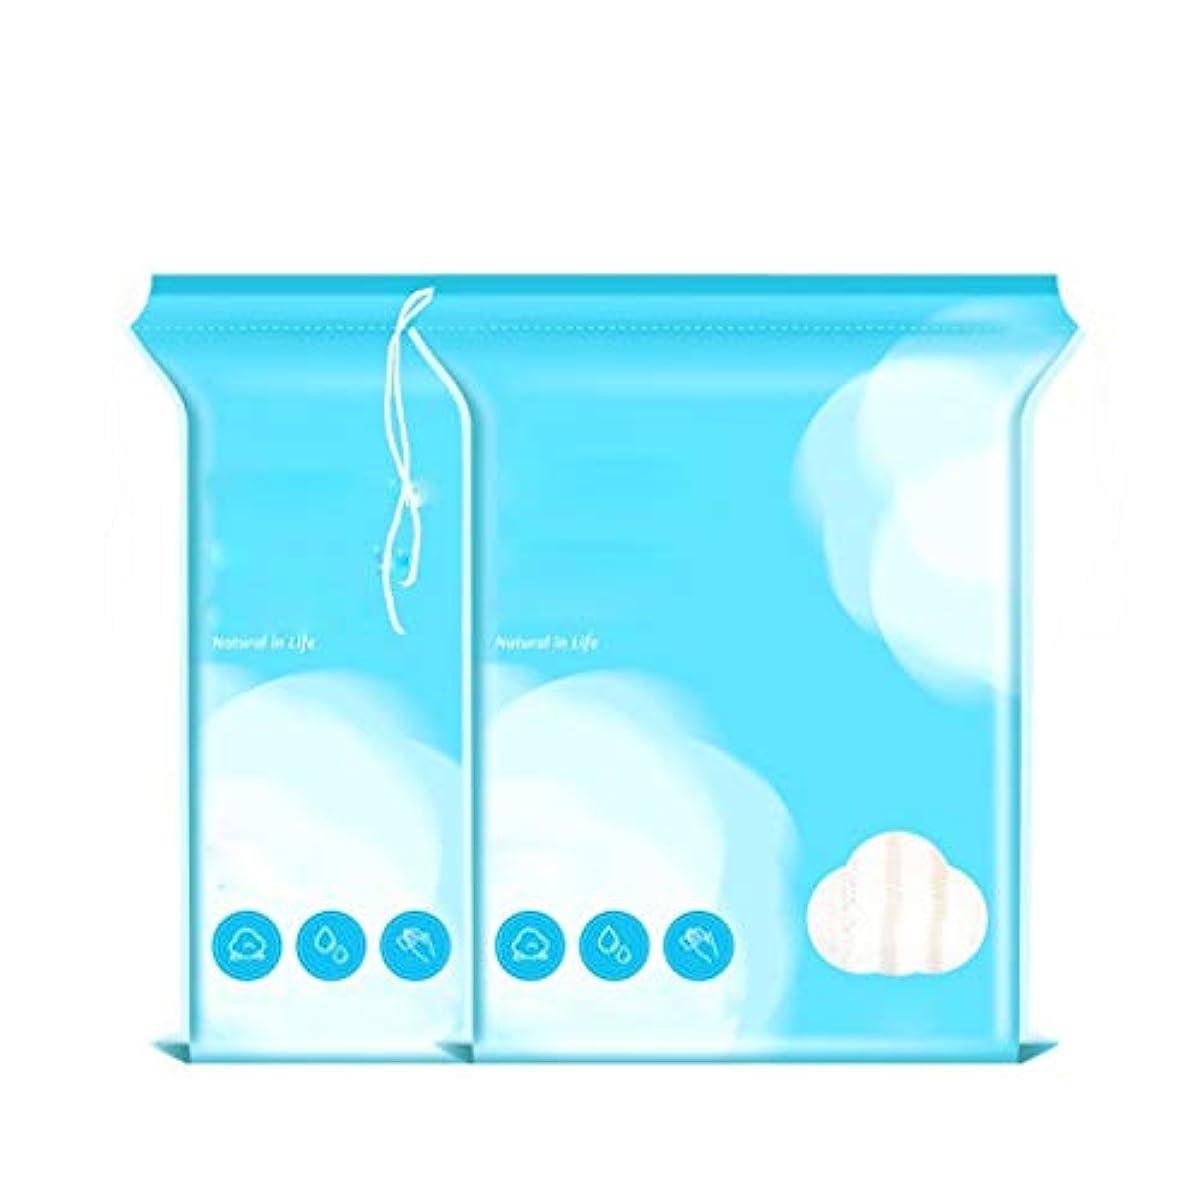 クレンジングシート コットンパッドクレンジングコットンコットンフェイスディープクレンジングアンロードコットン節水メイク落としコットン (Color : 2 package)